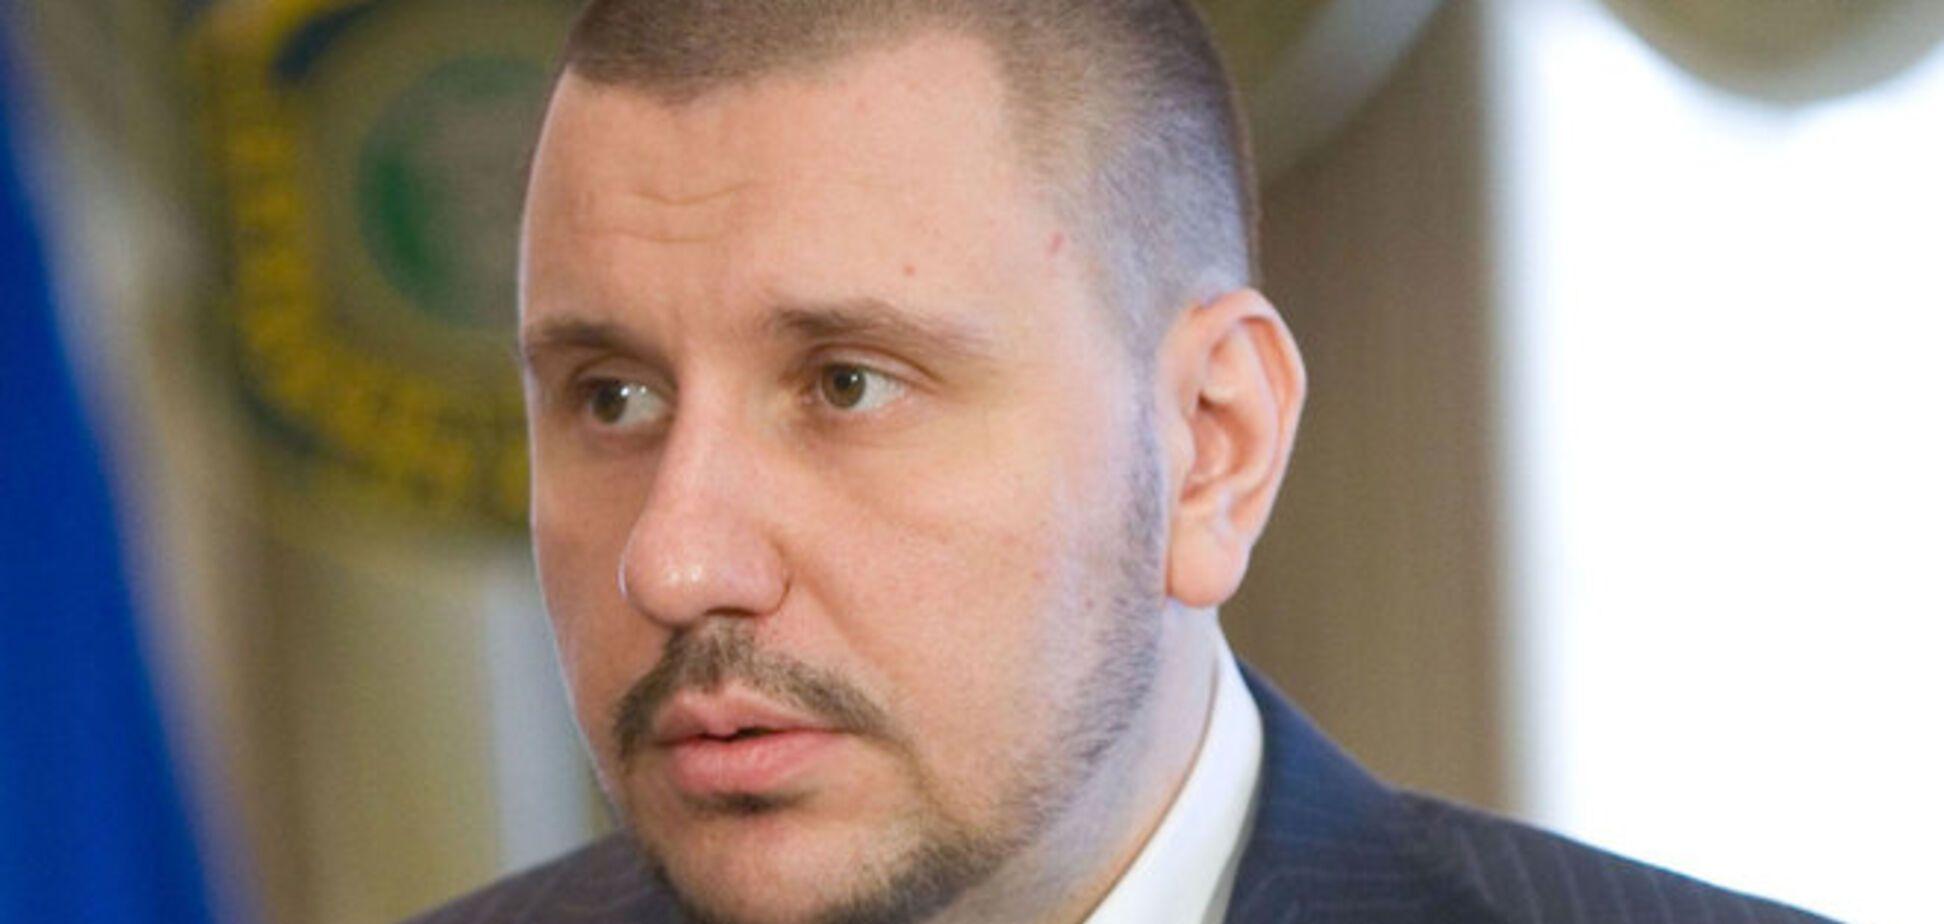 ГПУ викликала екс-голову Міндоходов Клименко на допит